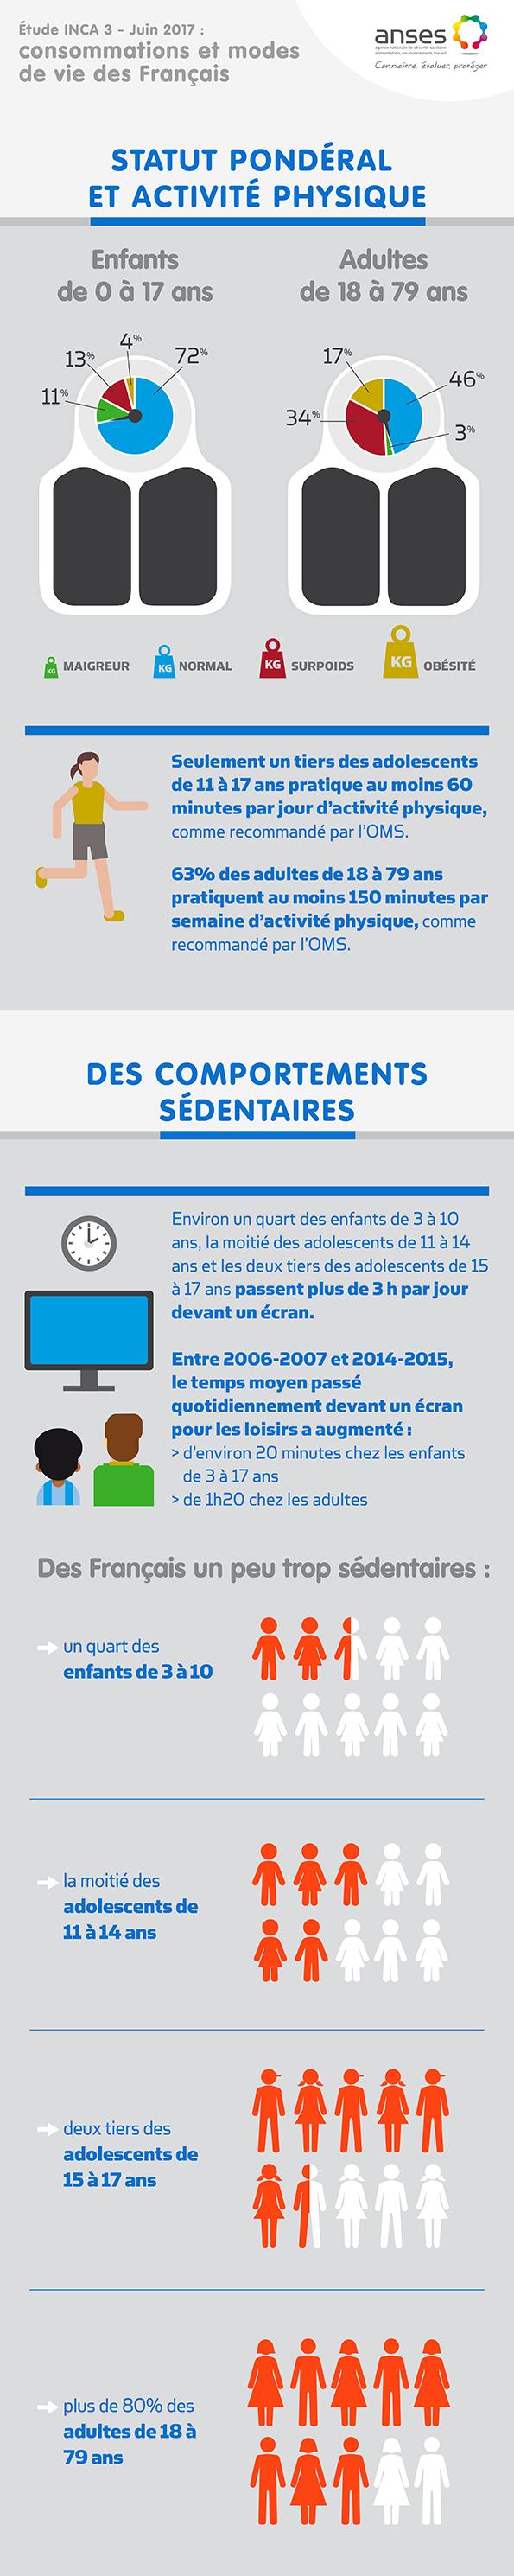 Niveau de sédentarité des français : des chiffres alarmant !